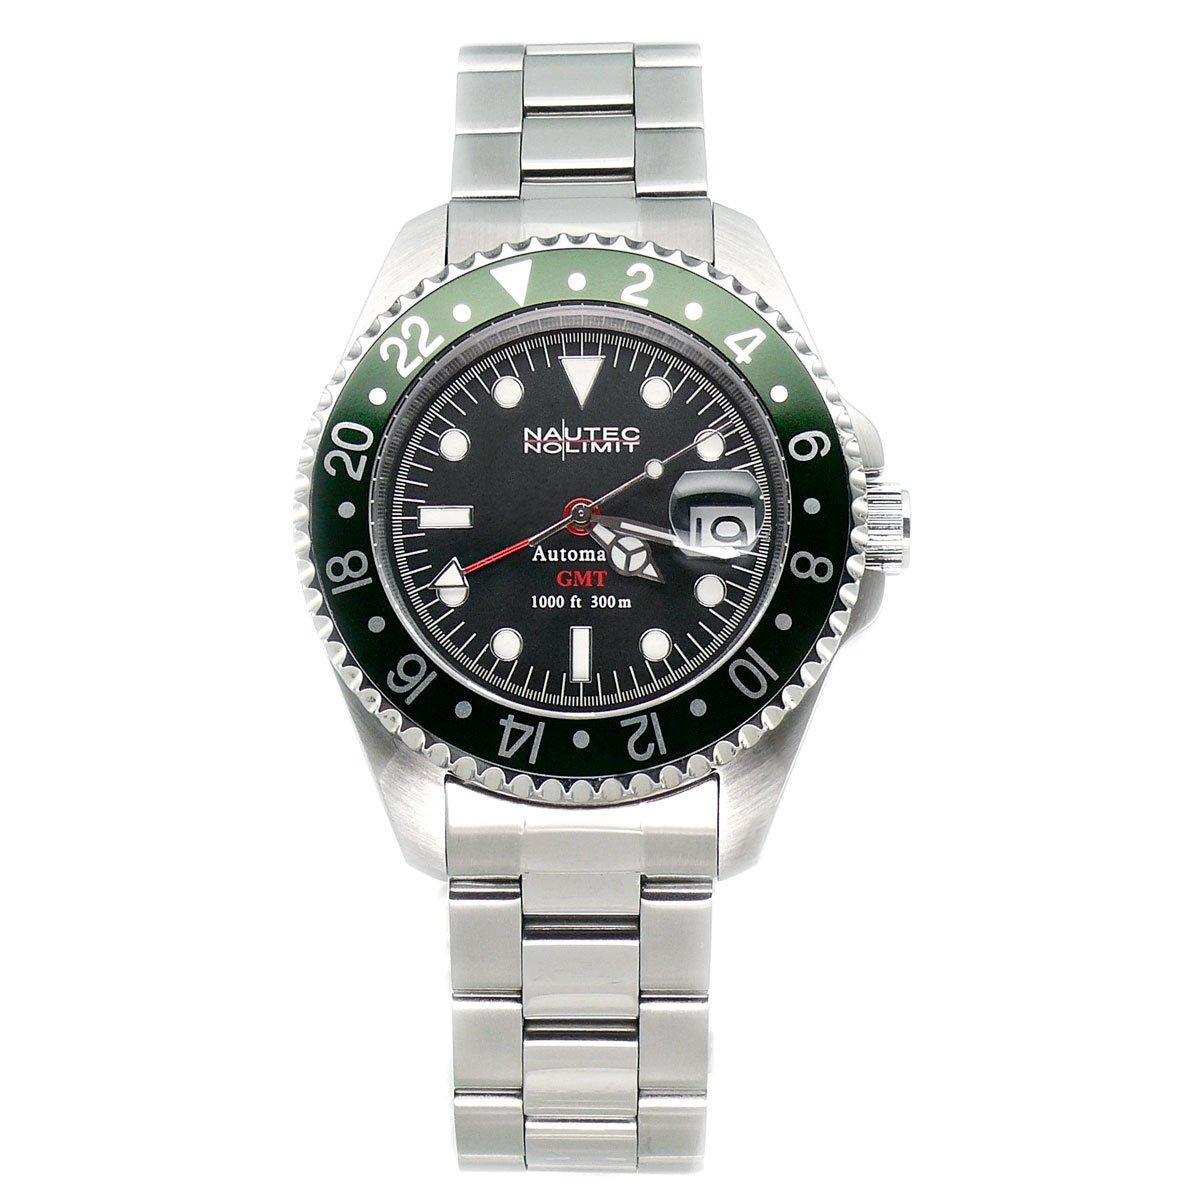 Nautec No Limit Deep Sea DS GMT/STGR - Reloj de caballero automático, correa de acero inoxidable color plata